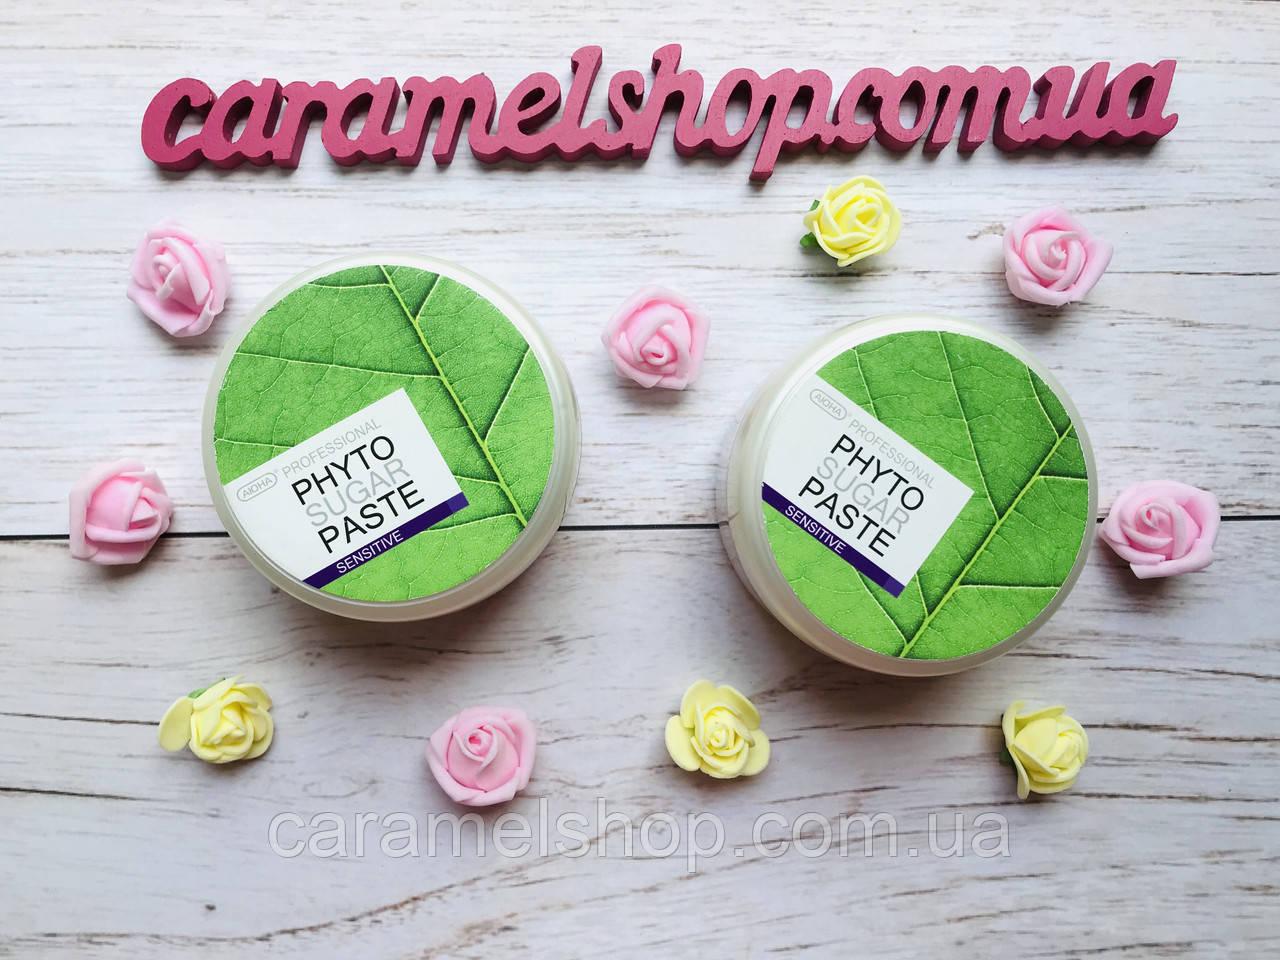 Фито паста для шугаринга АЮНА SENSITIVE для чувствительной кожи умеренно мягкая Soft Plus № 2, 280 г